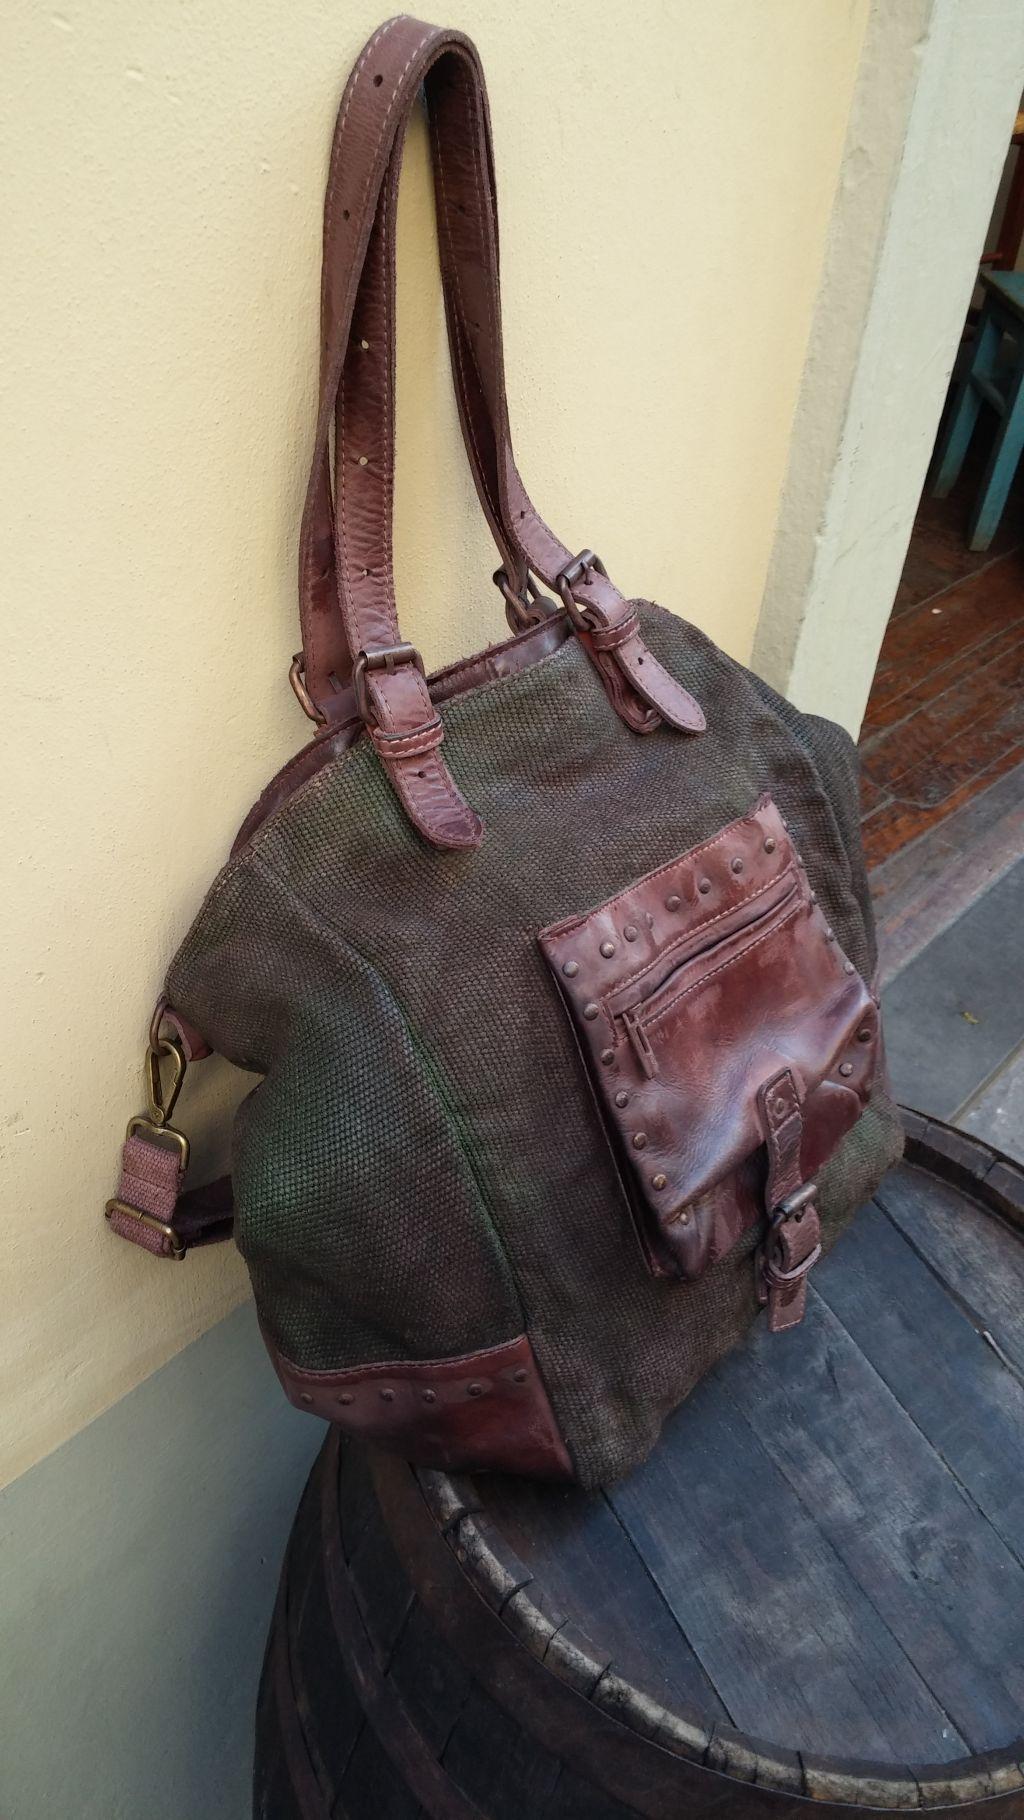 FL1014-borsa-shopping-vitello-tessuto-militare-3